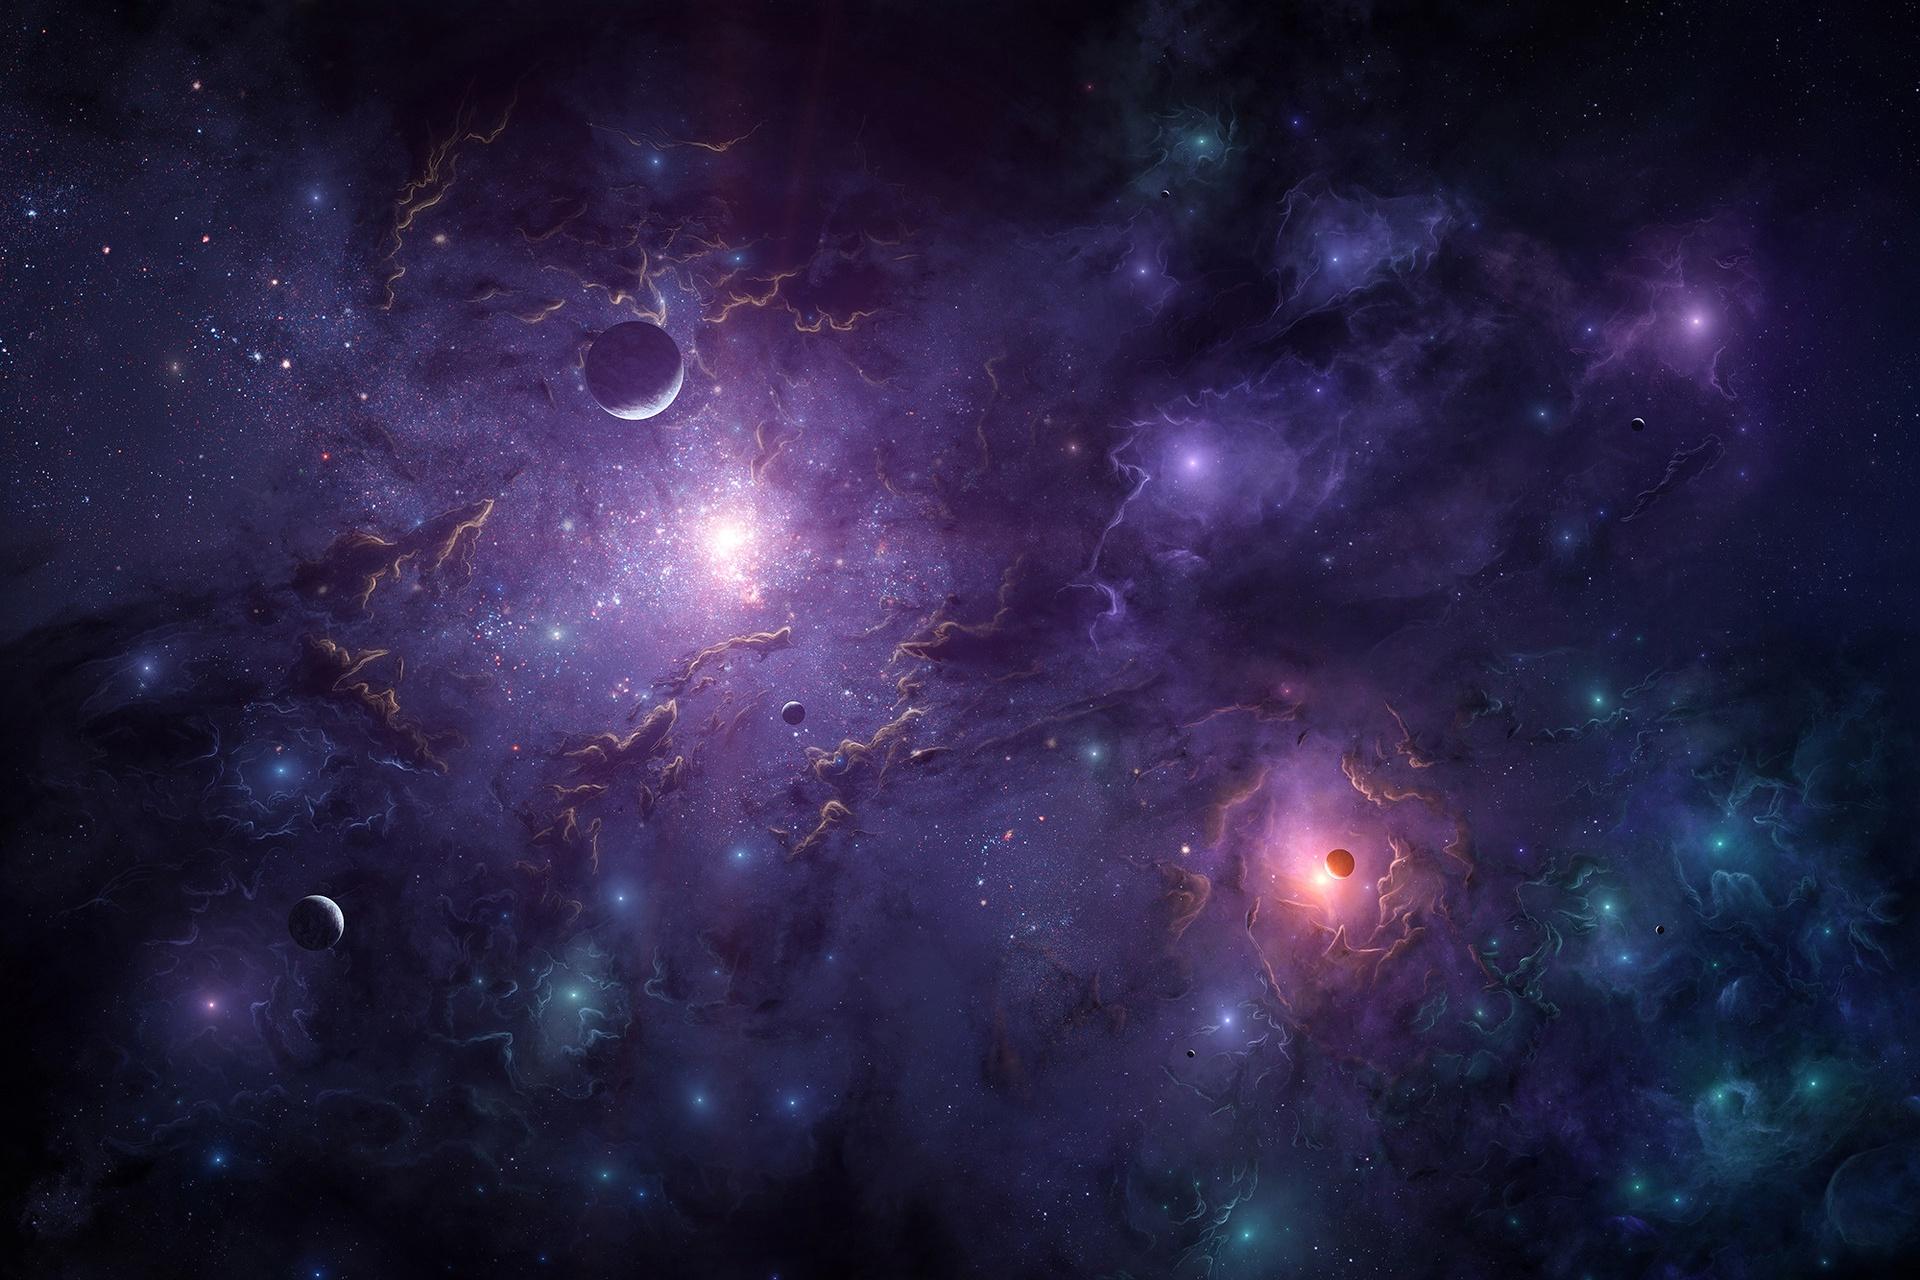 Nebula 1920x1280